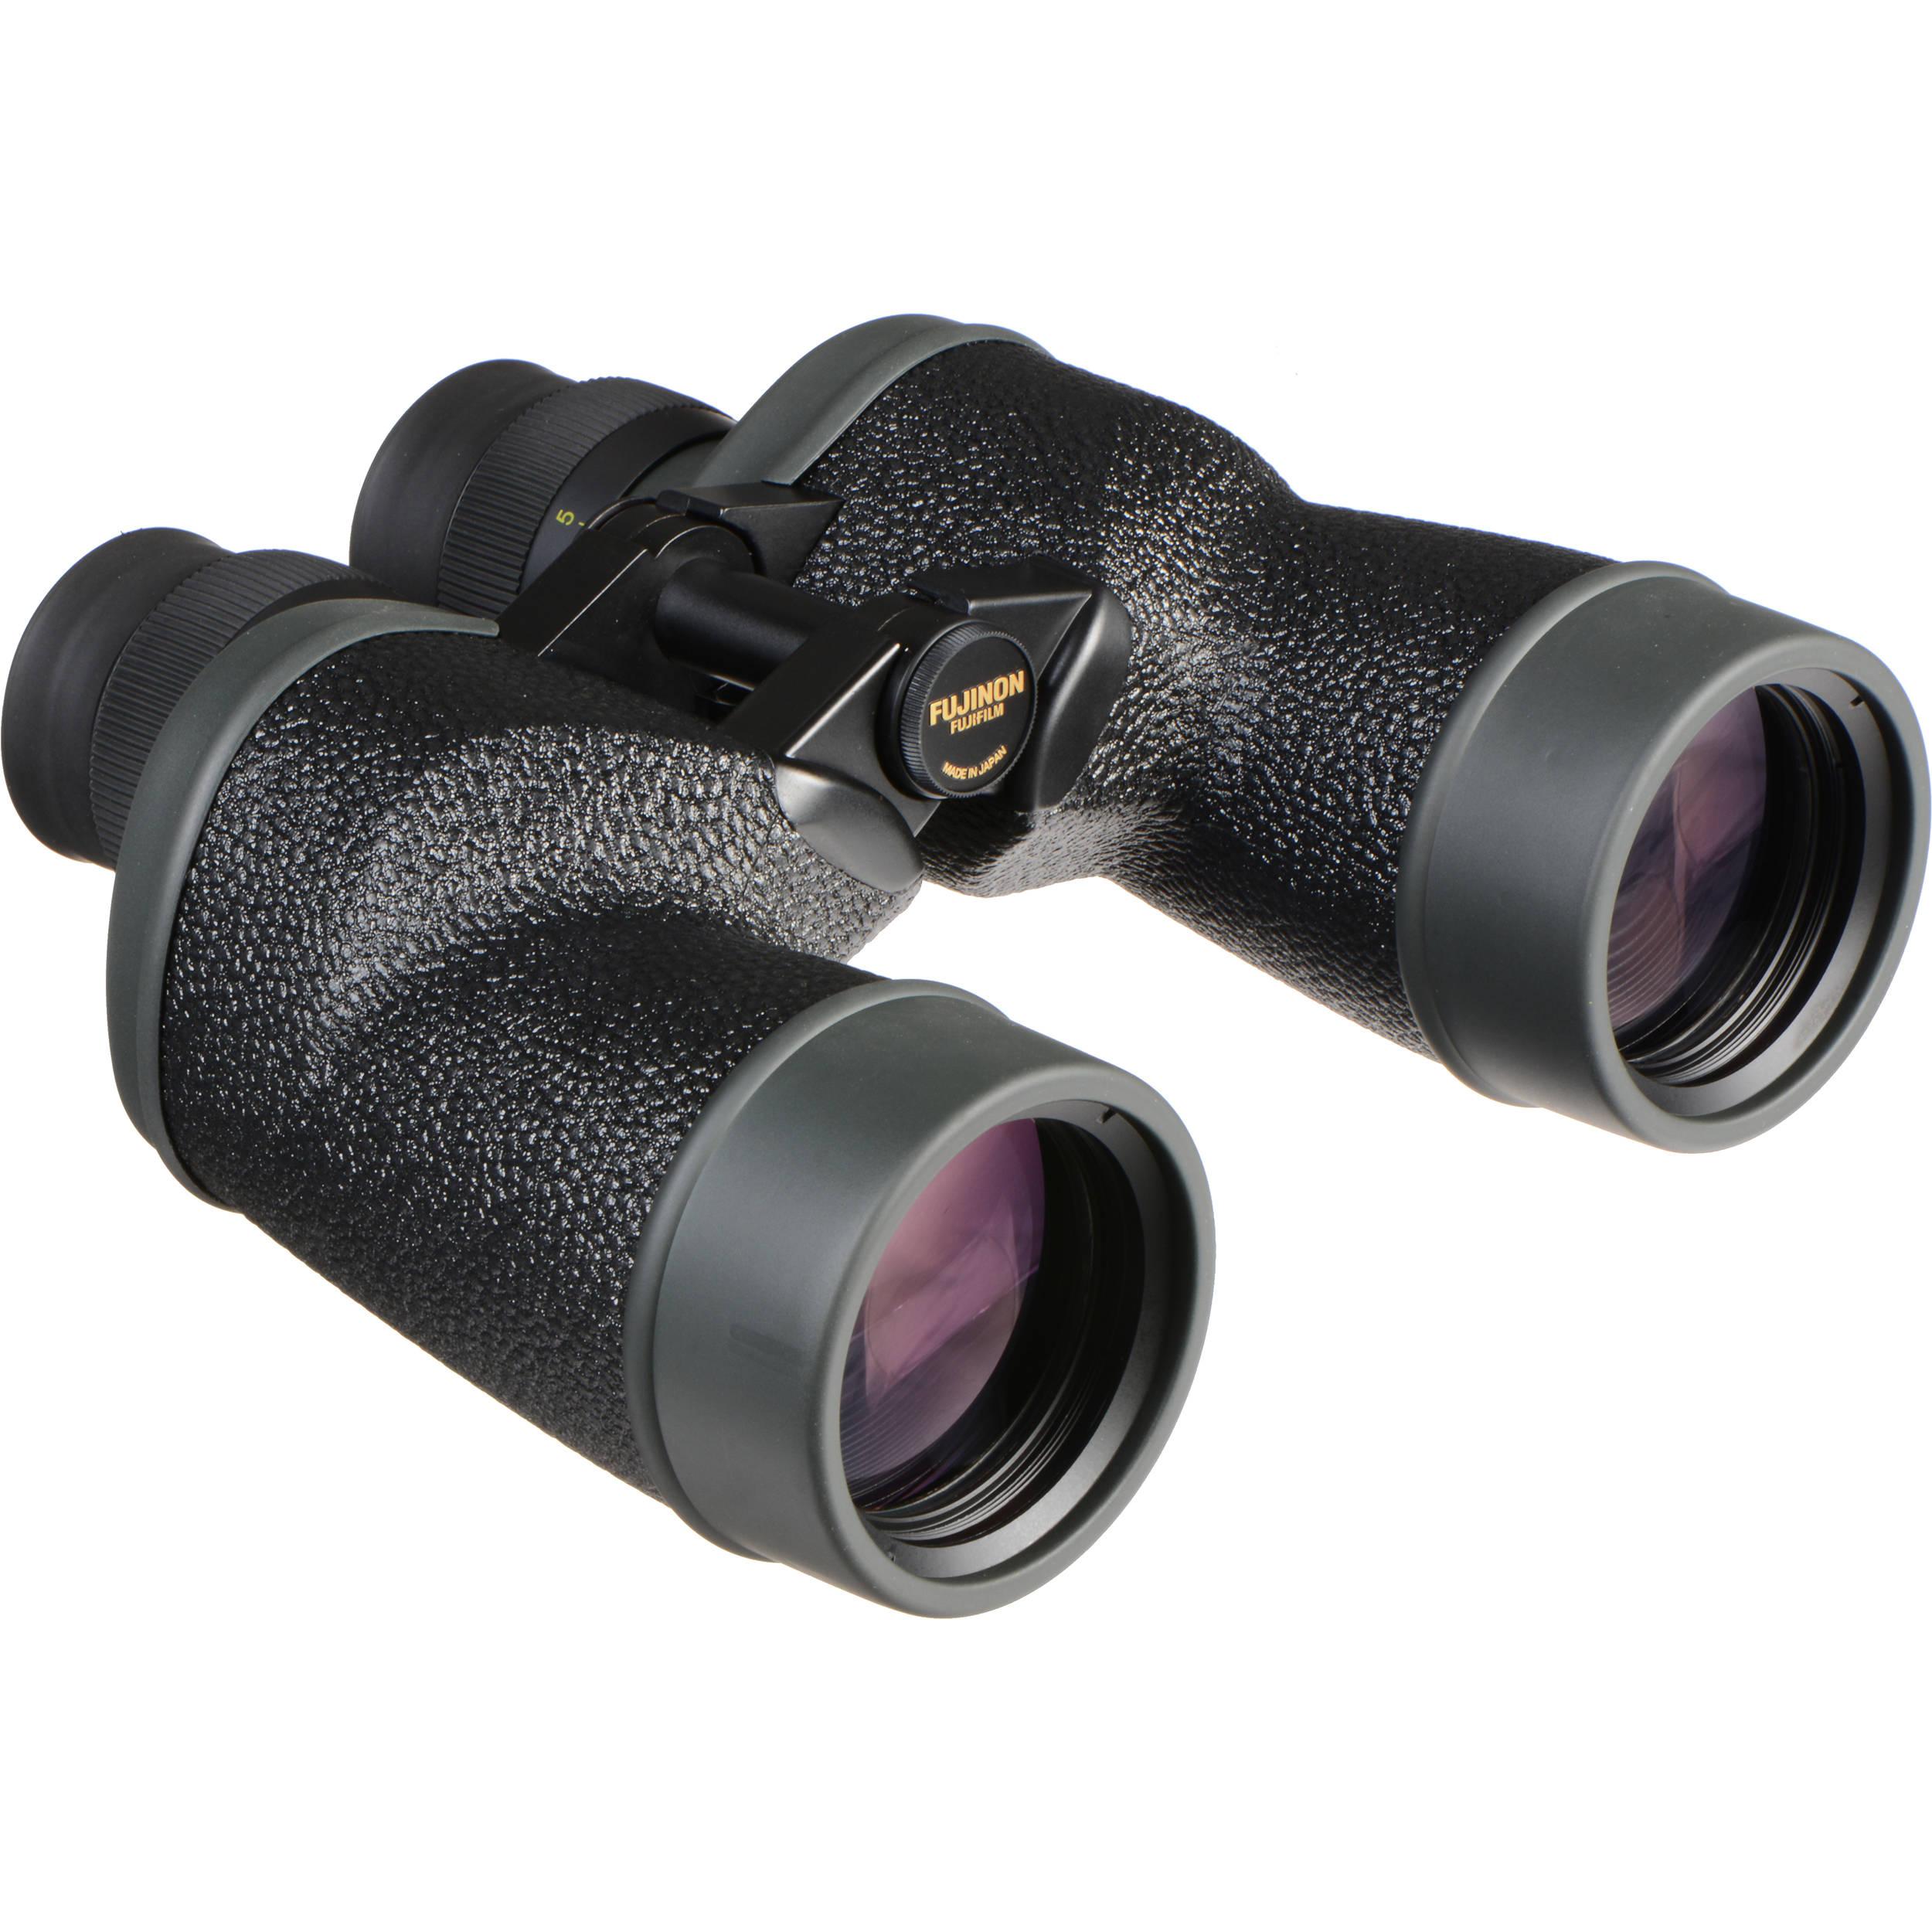 Fujinon 7x50 FMT-SX Polaris Binocular